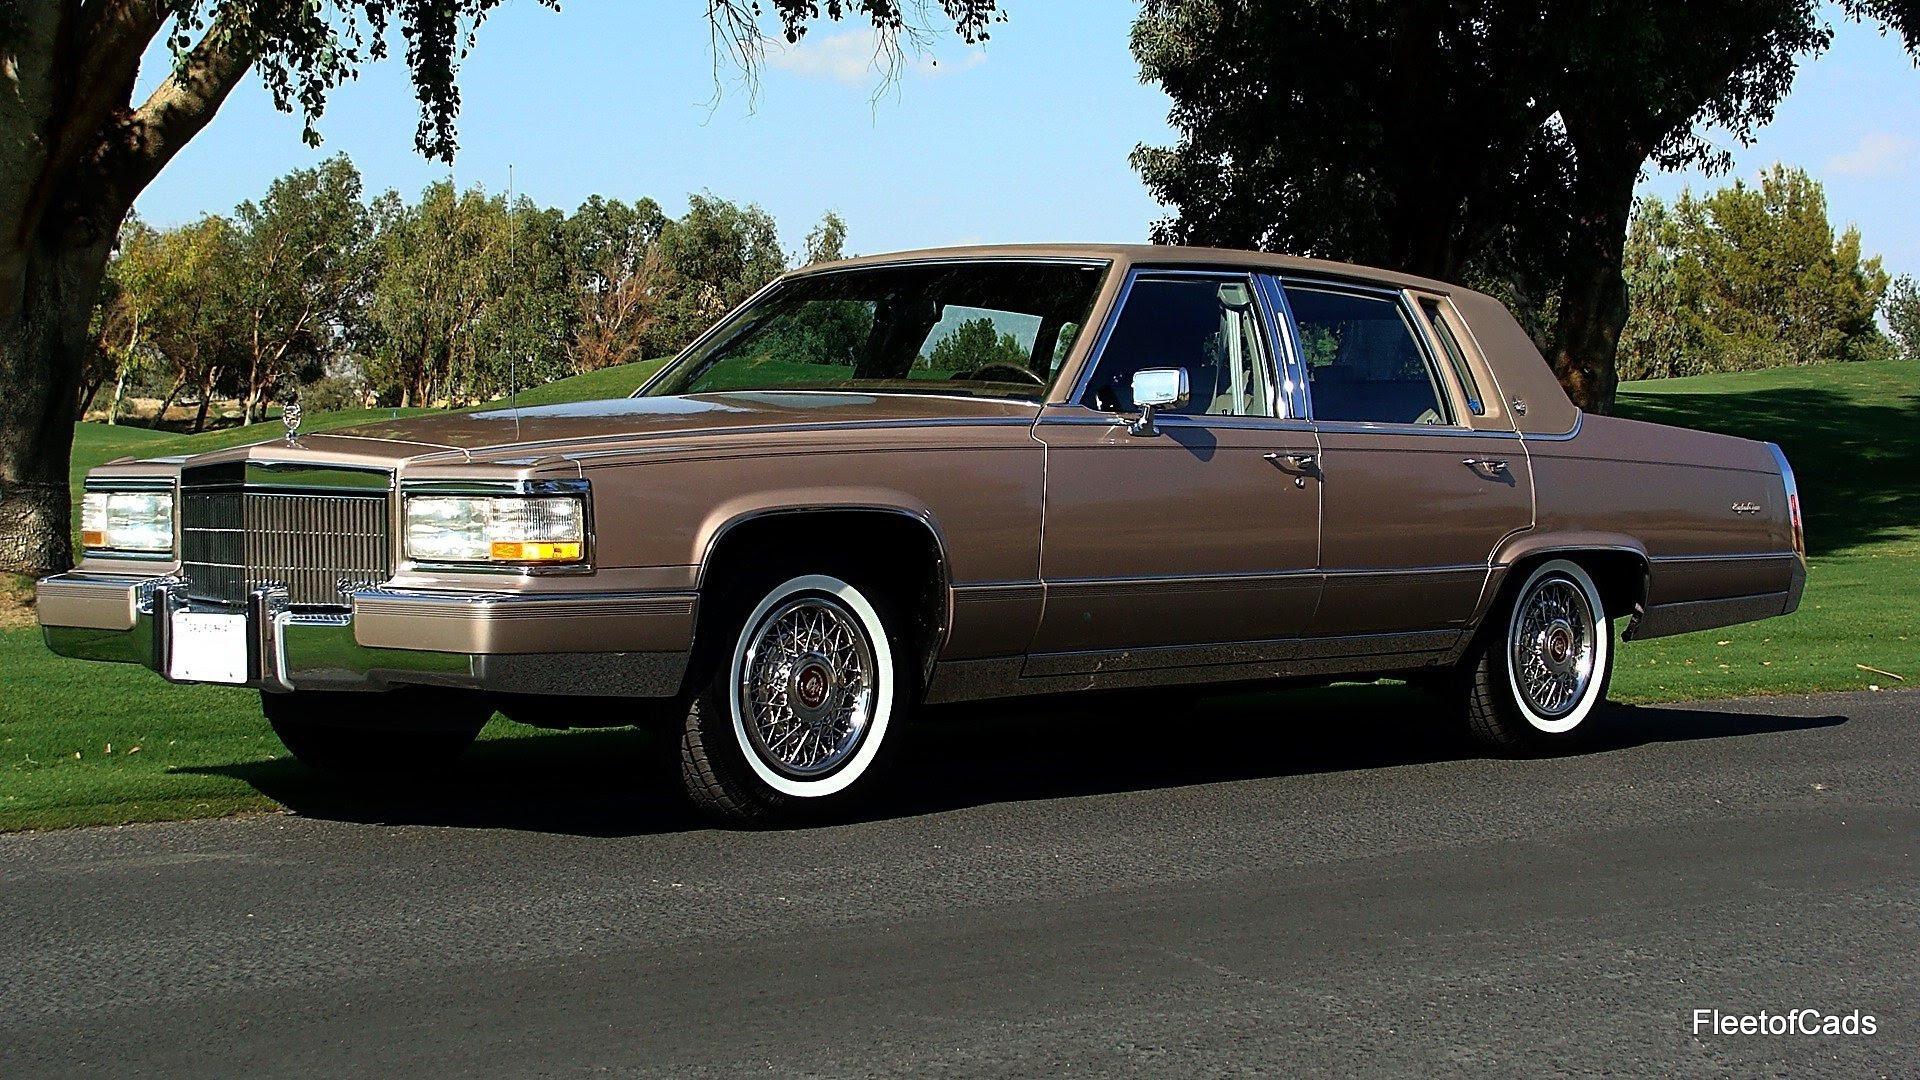 Cadillac Brougham Delegance - NewsGlobeNewsGlobe